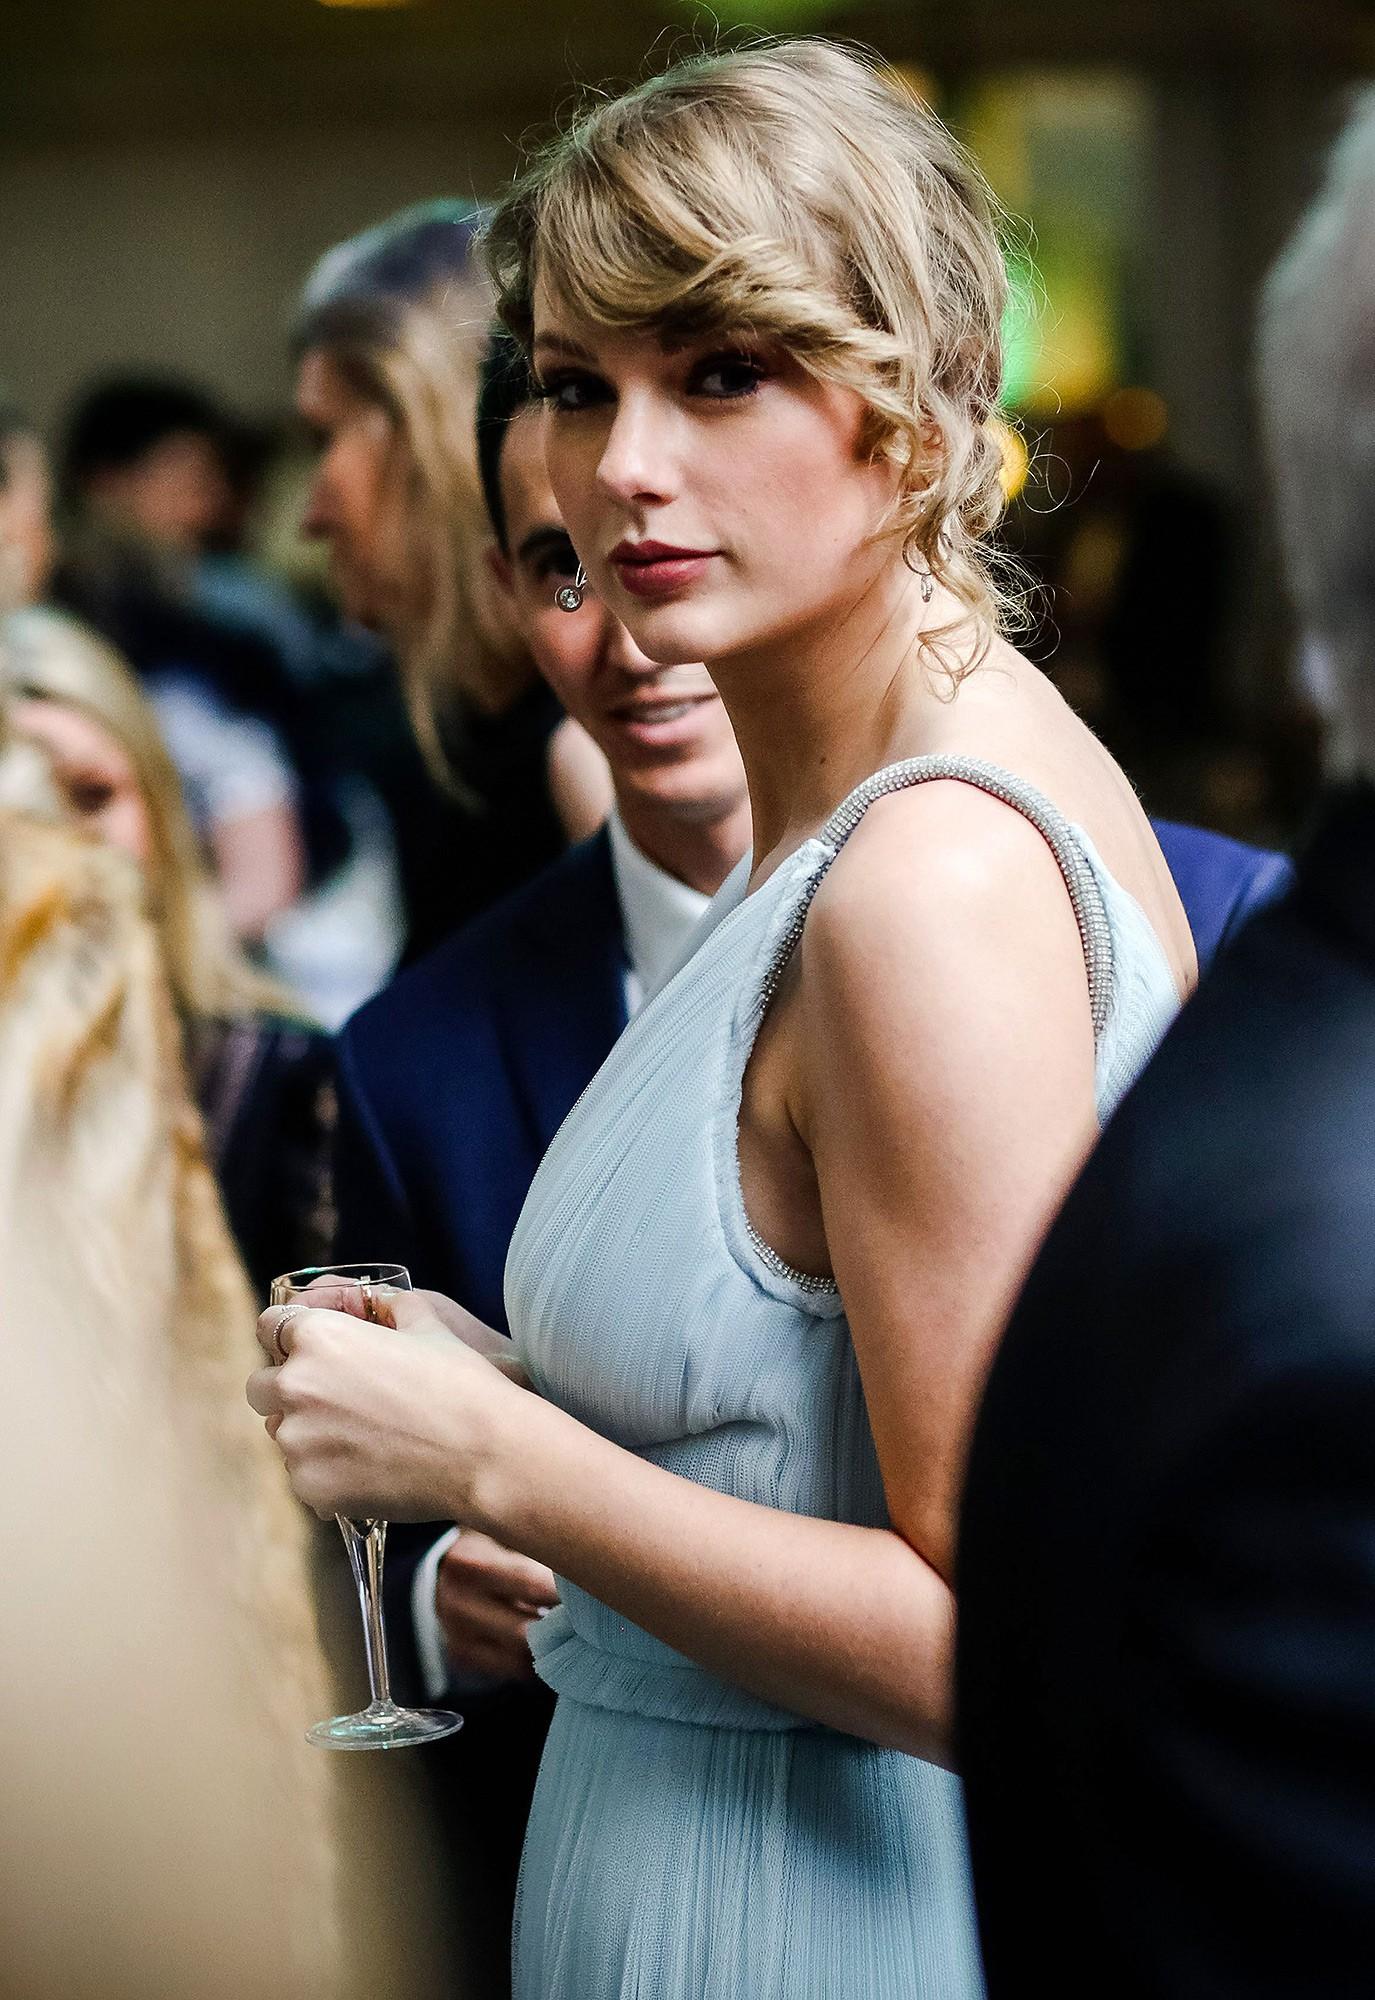 Hóa ra Taylor Swift vì bạn trai mà bỏ dự Grammy, đến Oscar Anh Quốc khoe vòng 1 bốc lửa khó tin - Ảnh 2.